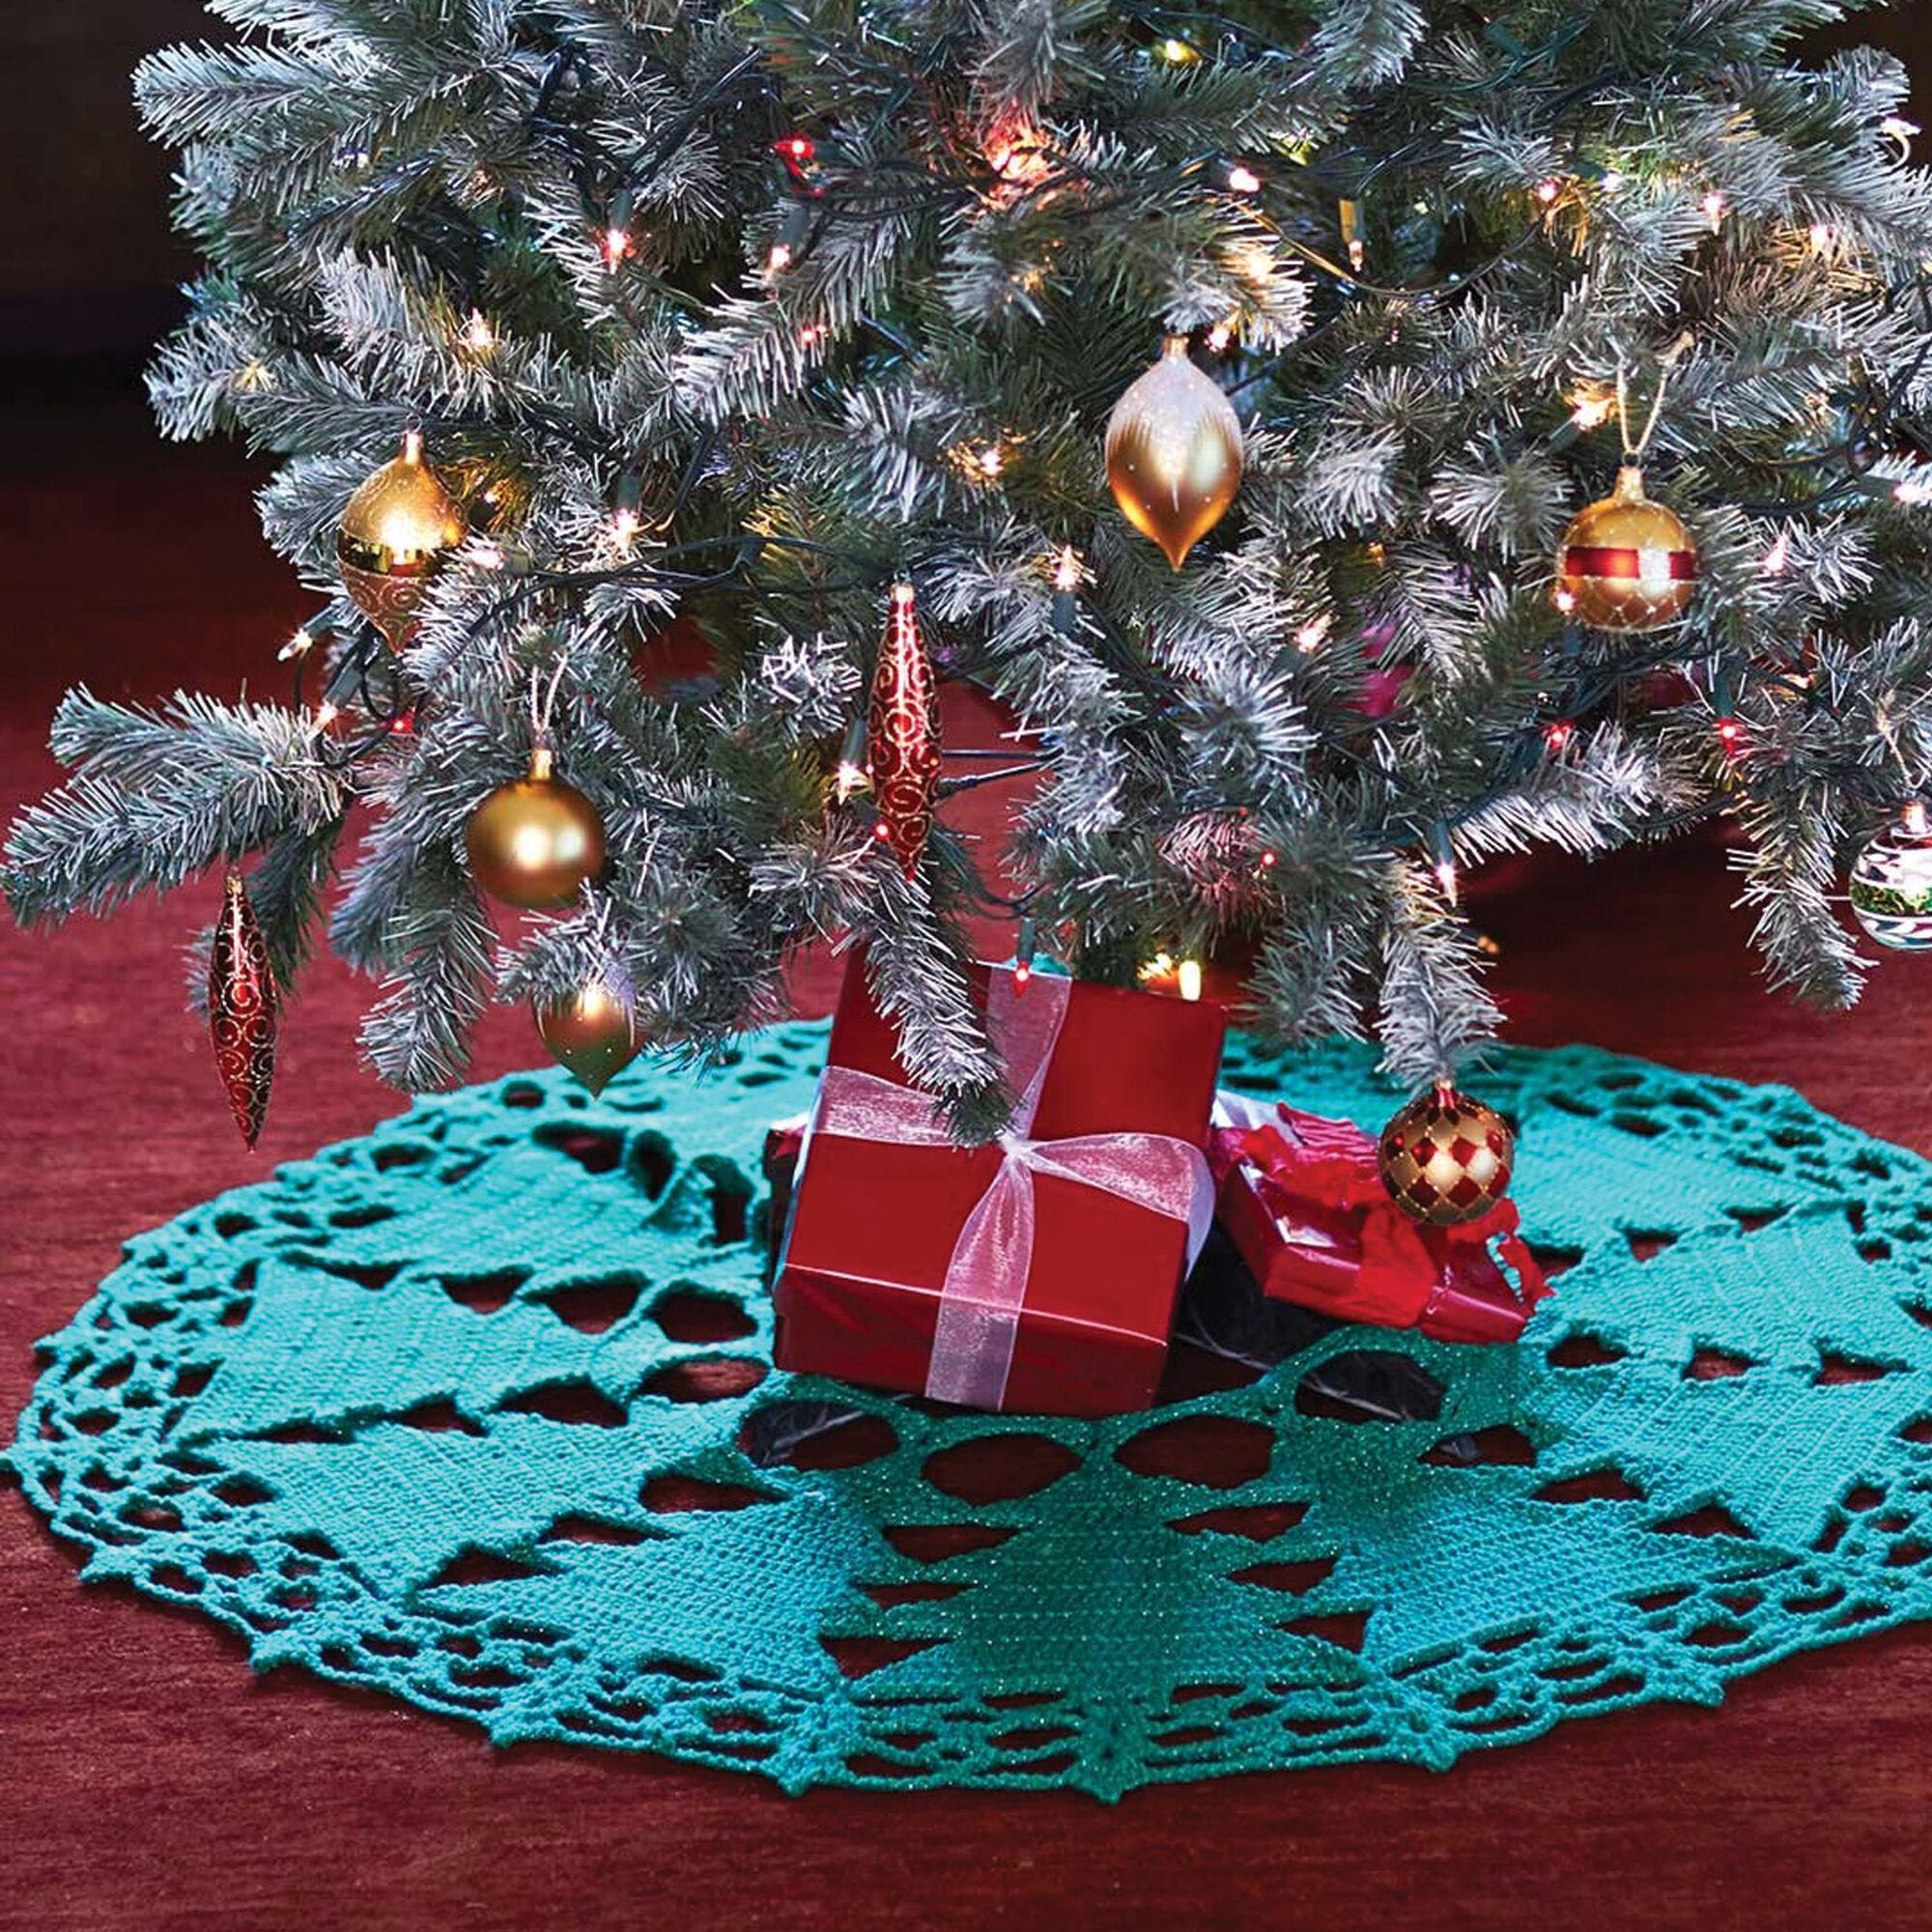 Easy Crochet Christmas Tree Skirt: Bernat Christmas Tree Skirt